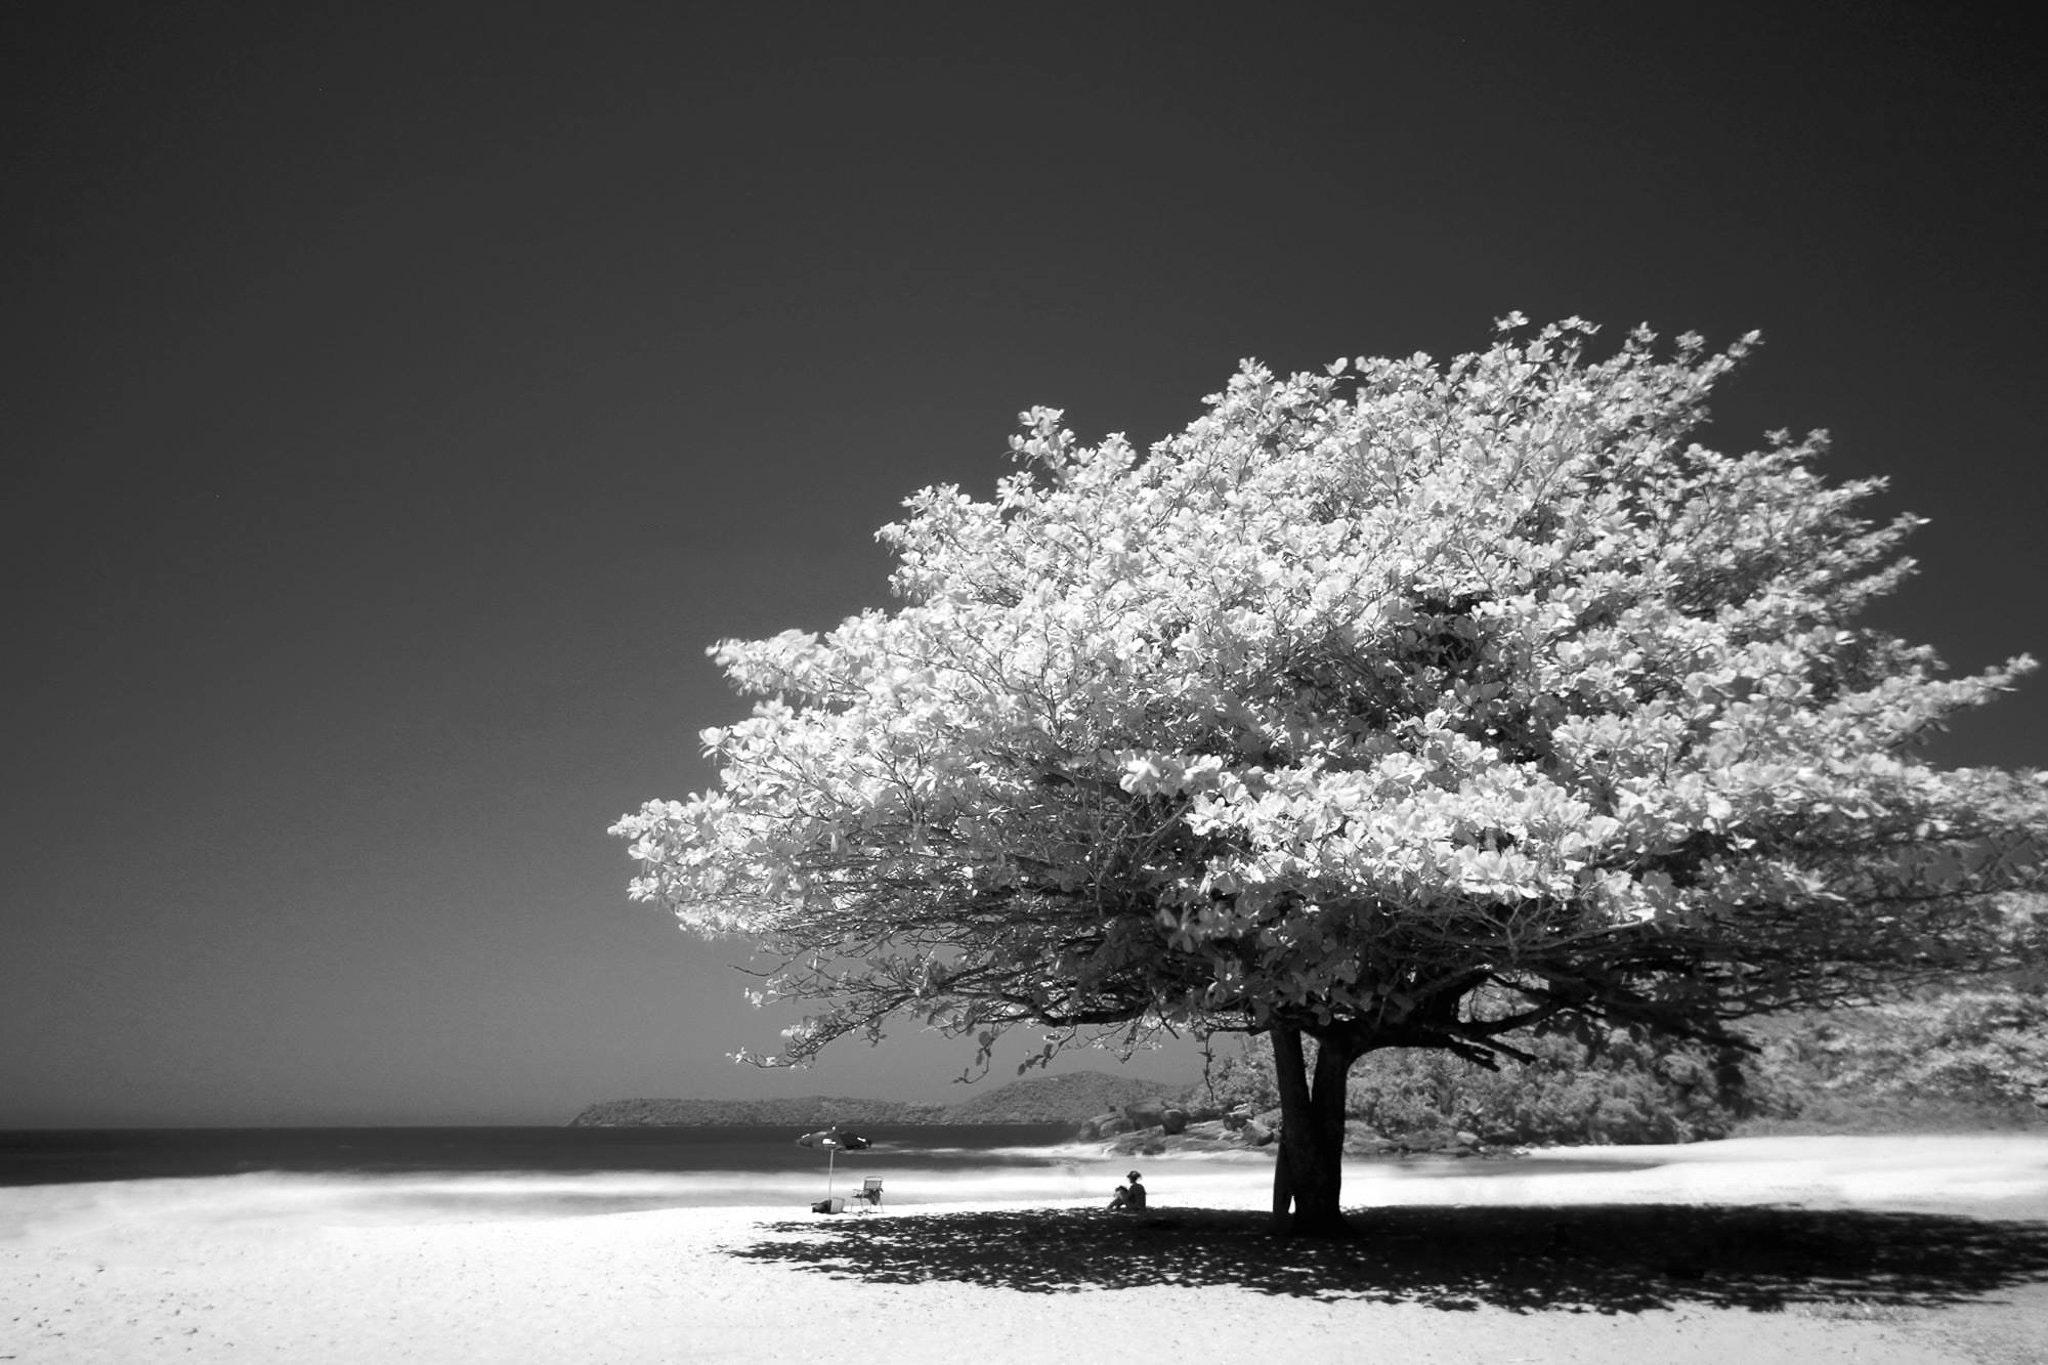 Big Tree Photo, Shade, Scenic, Sand, Shadow, HQ Photo